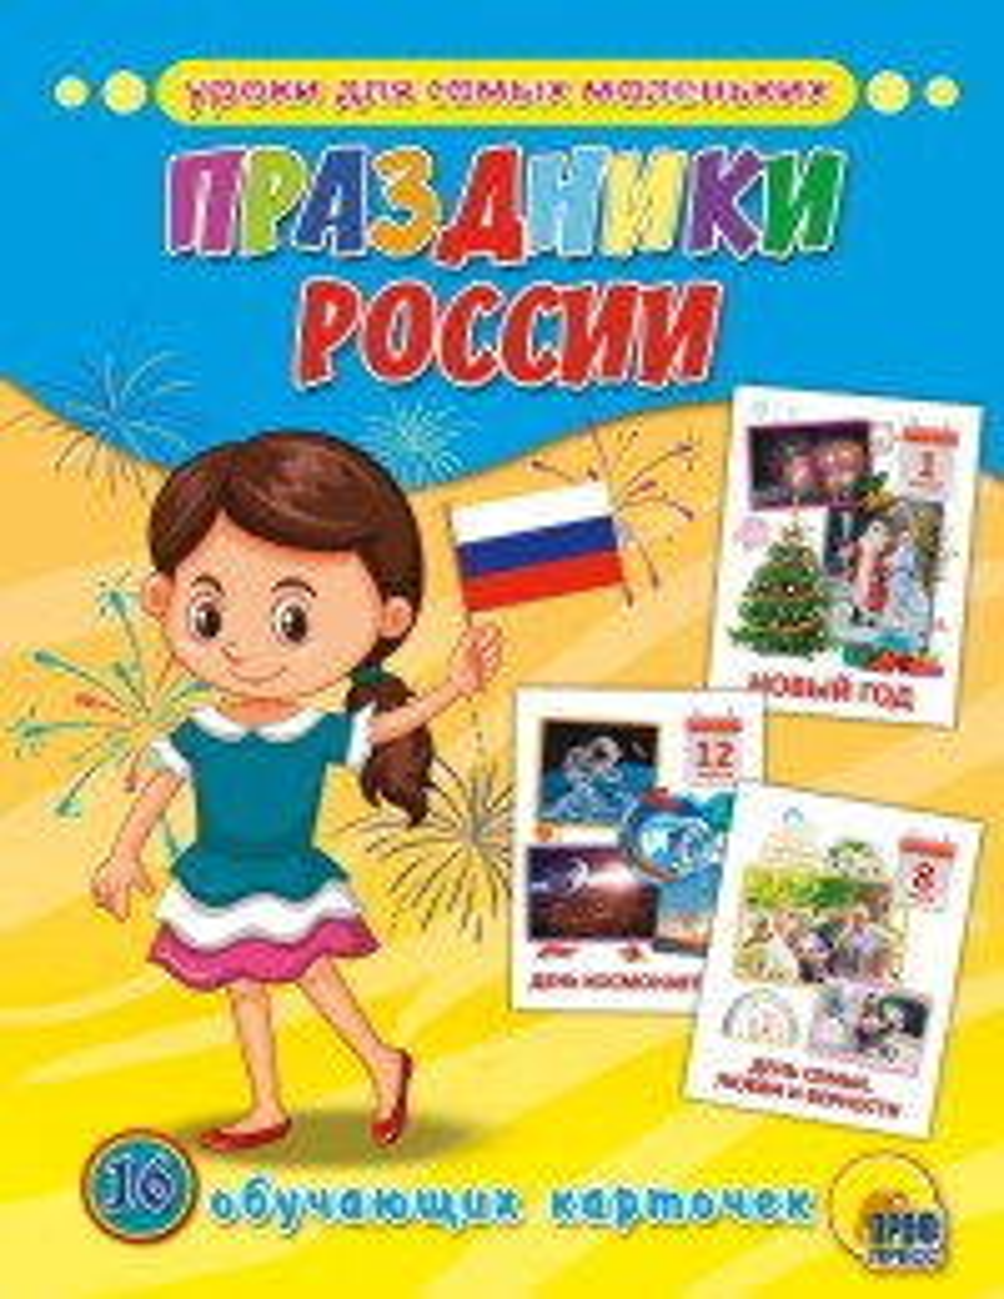 Праздники России: 16 обучающих карточек